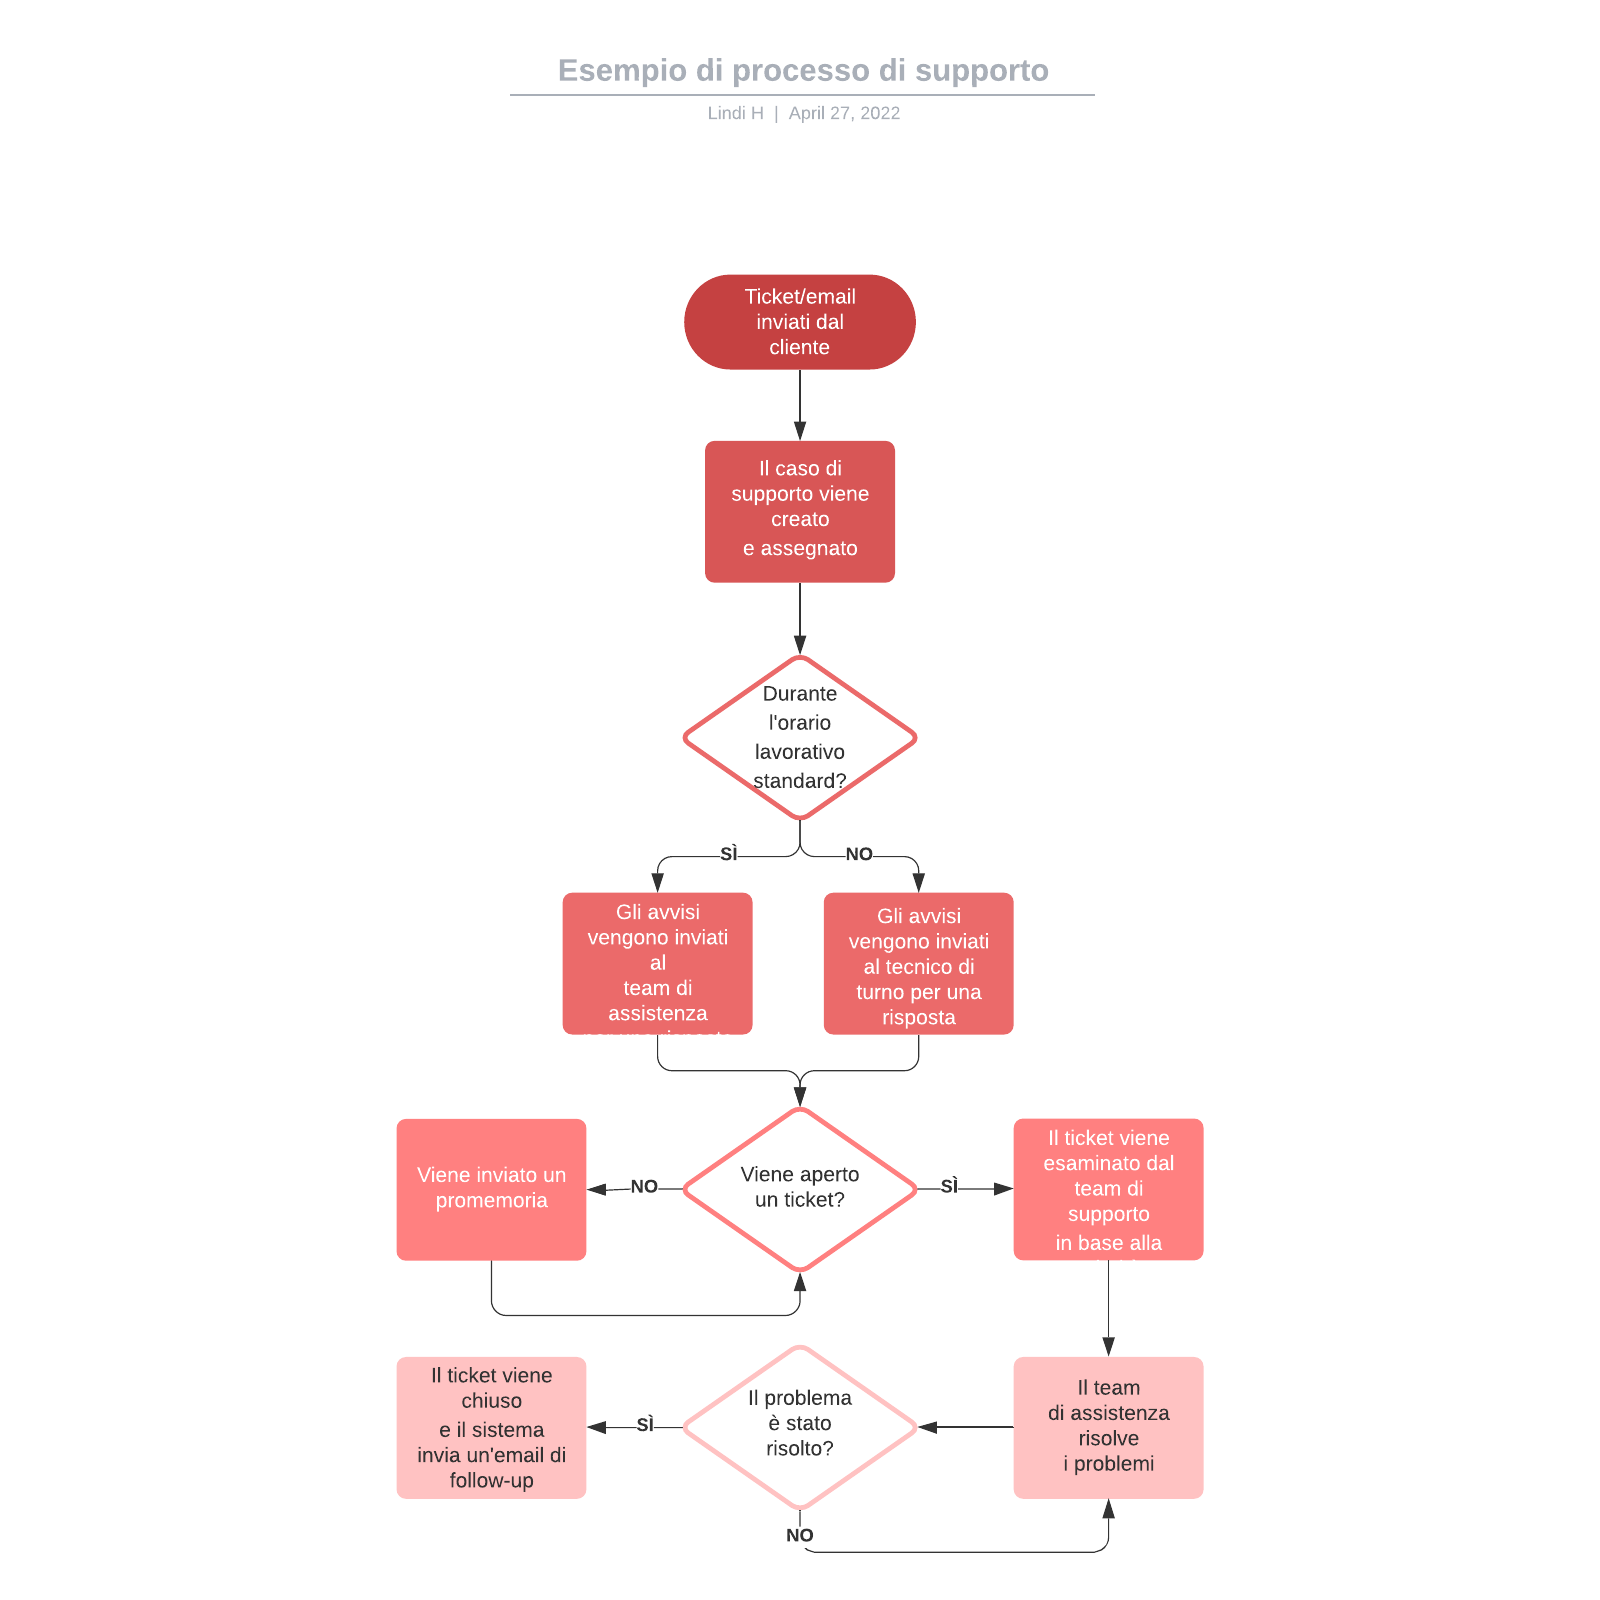 Esempio di processo di supporto